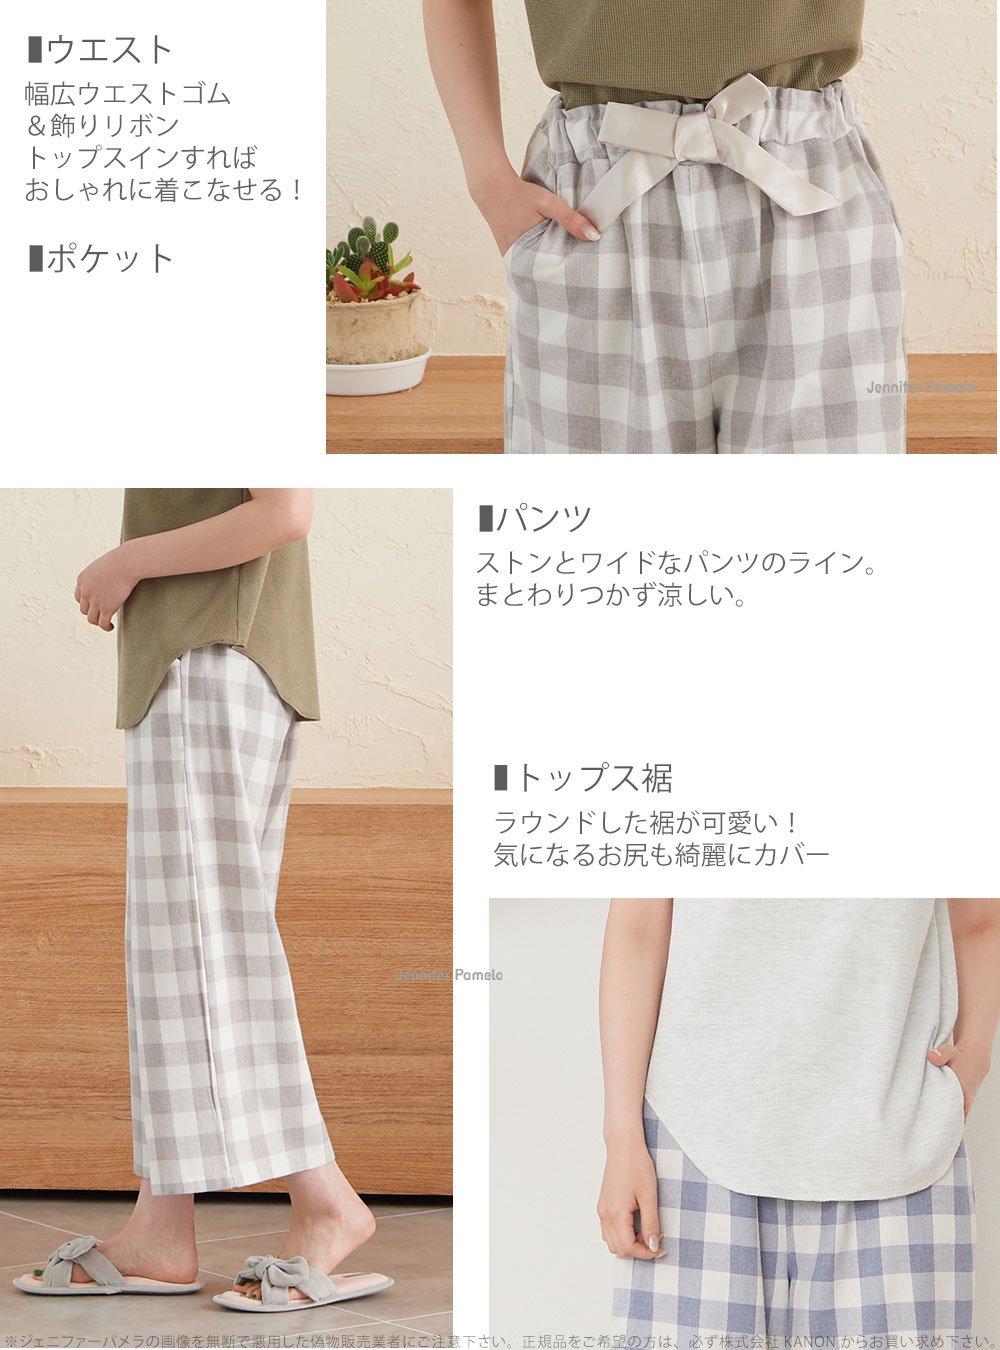 綿100% ルームウェア レディース 上下セット パジャマ 半袖 フレンチスリーブ スカッフィ